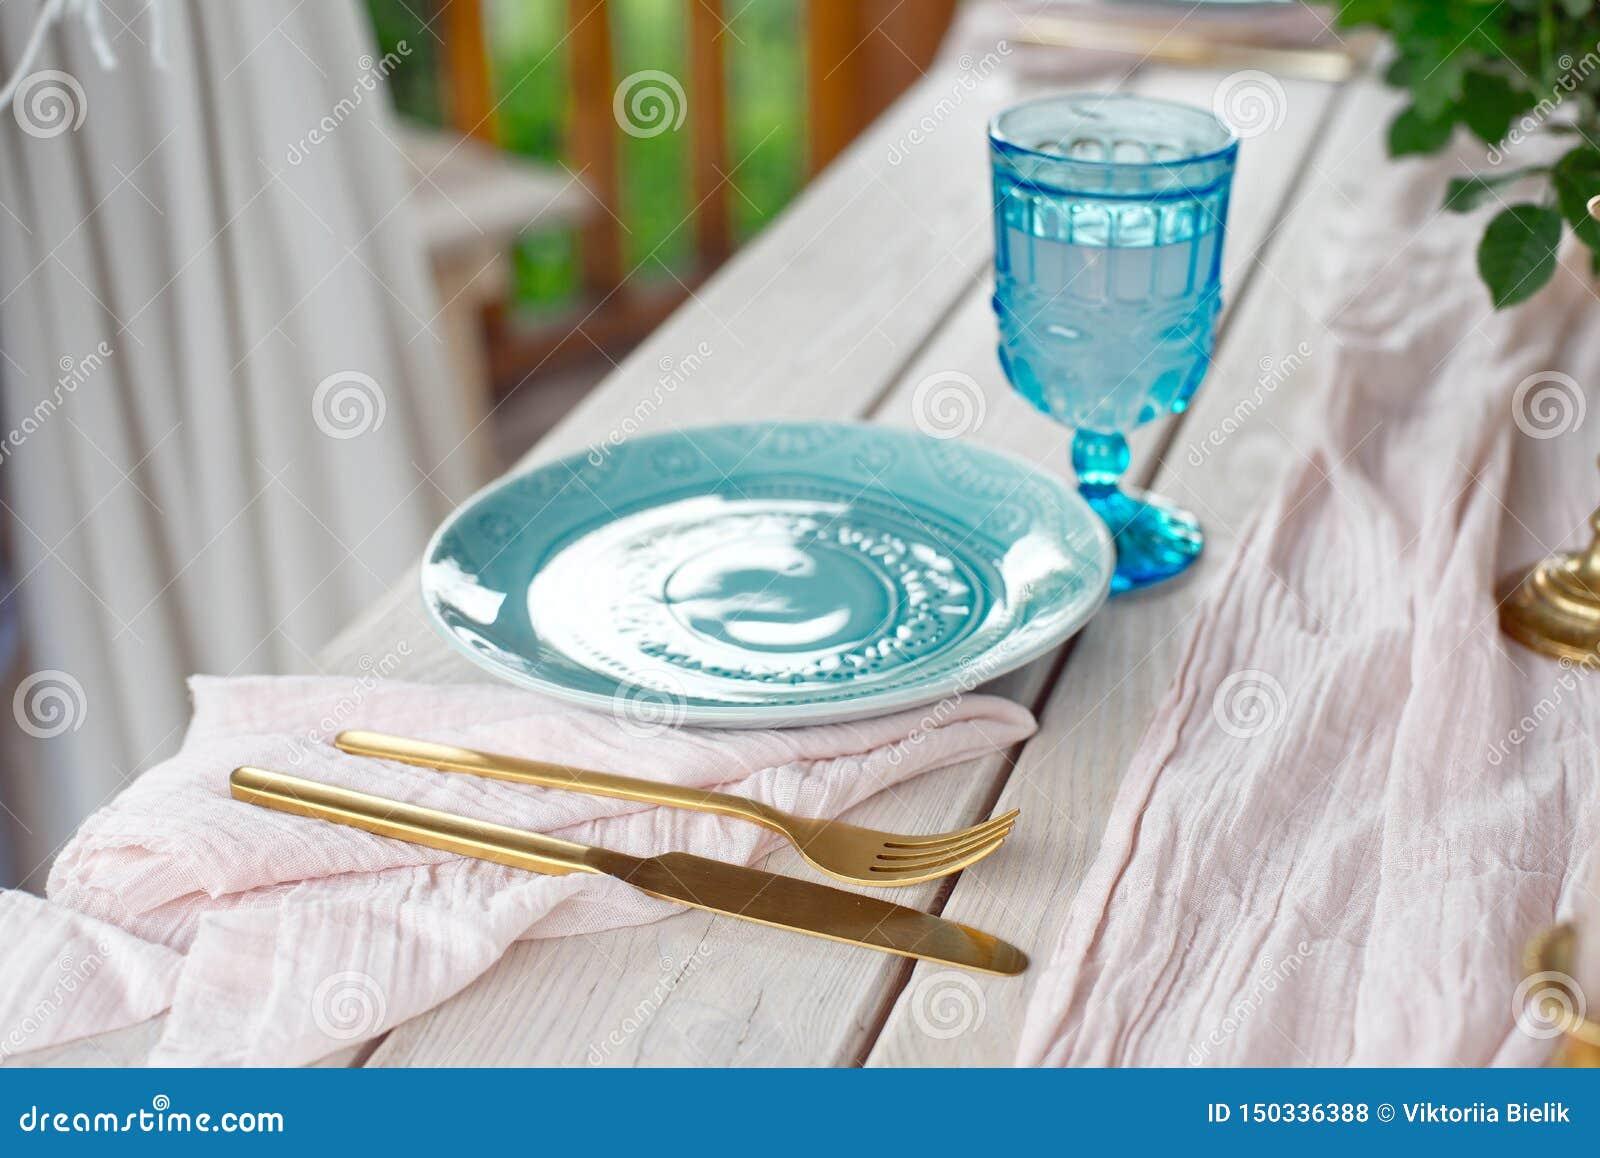 Lijst voor gasten, die met kaarsen worden verfraaid, die met bestek en aardewerk worden gediend en omvat met een tafelkleed blauw